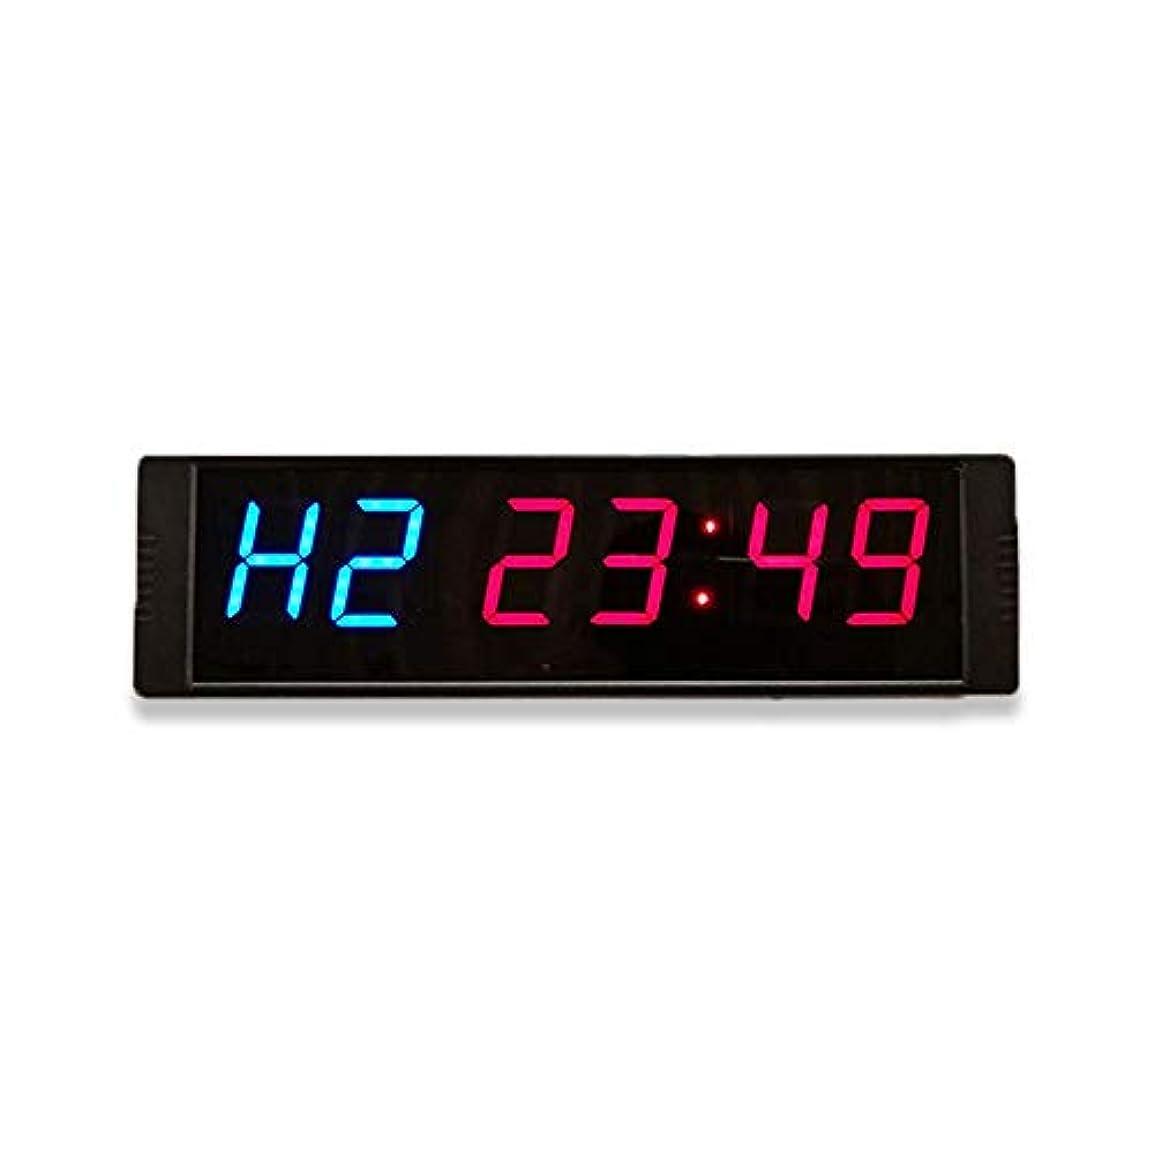 マラソン深遠劇作家スコアボードとタイマー LED桁カウントダウンクロックカウントダウンタイミング分秒カウントダウンタイマー スポーツタイマー (色 : 青, サイズ : 26.5X7.5X2.5CM)